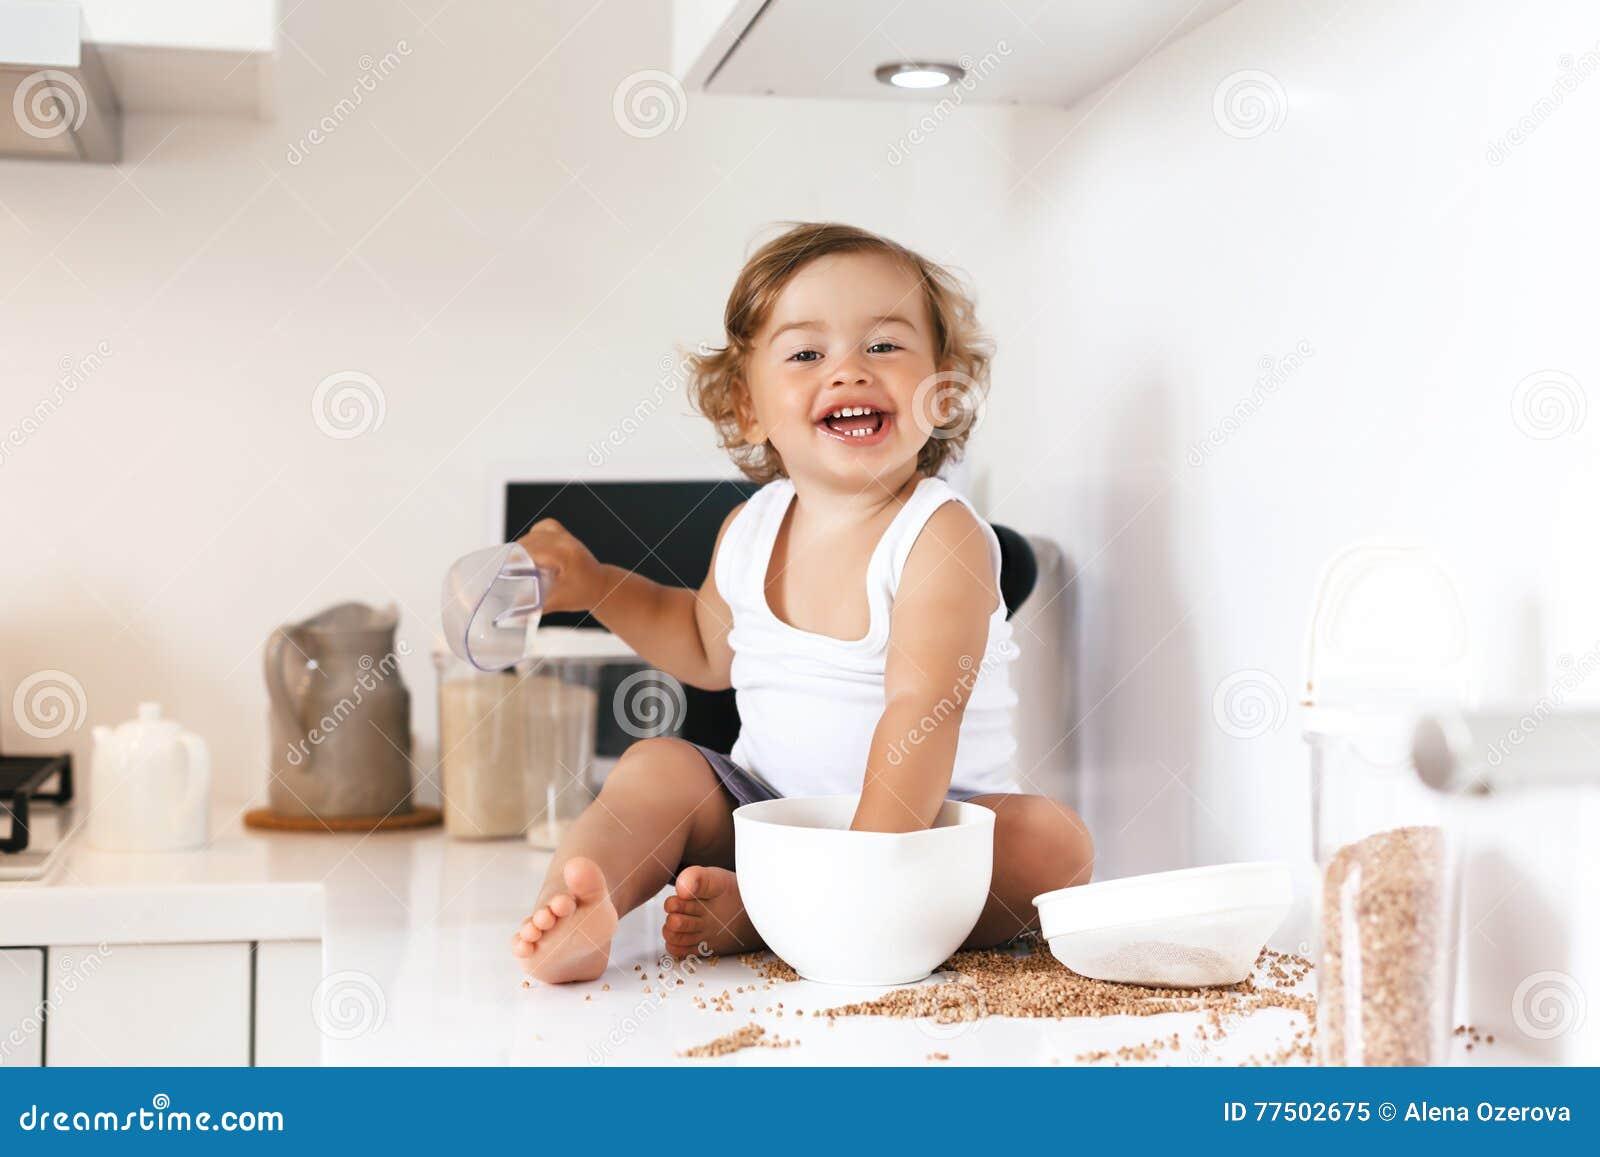 kleinkind, das an der küche spielt stockfoto - bild: 77502675 - Kleinkind Küche